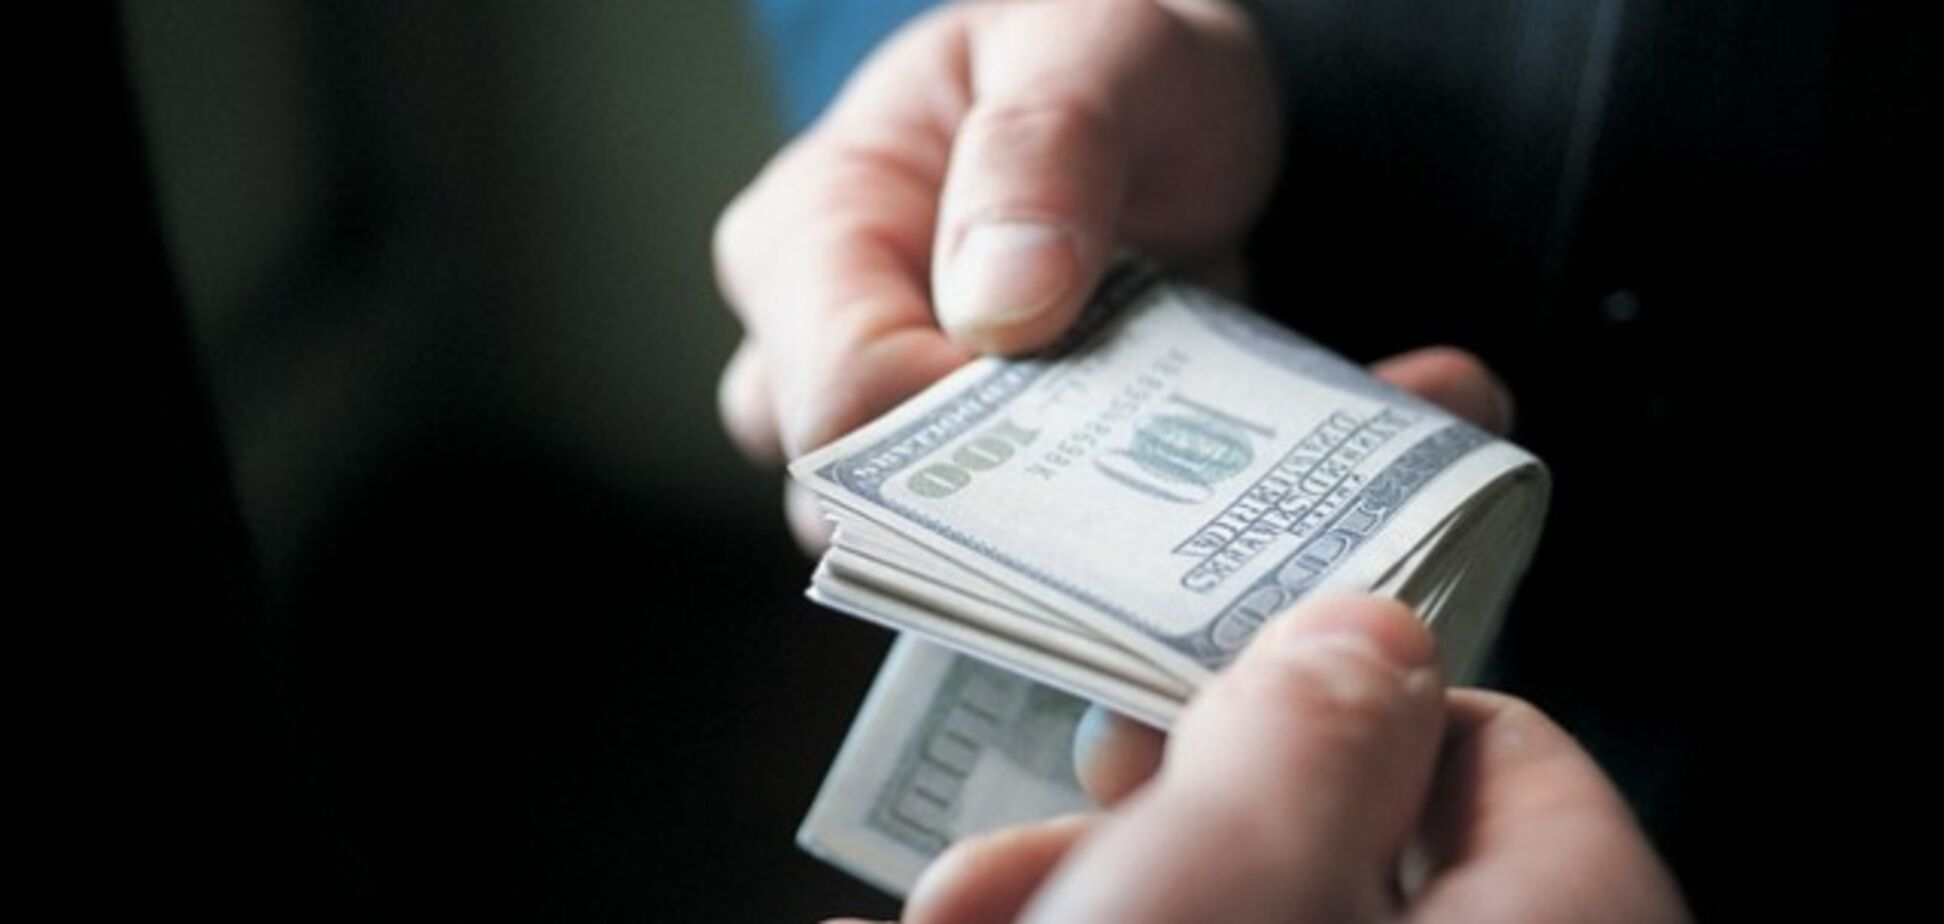 В Запорожье полицейский получил взятку в несколько тысяч долларов